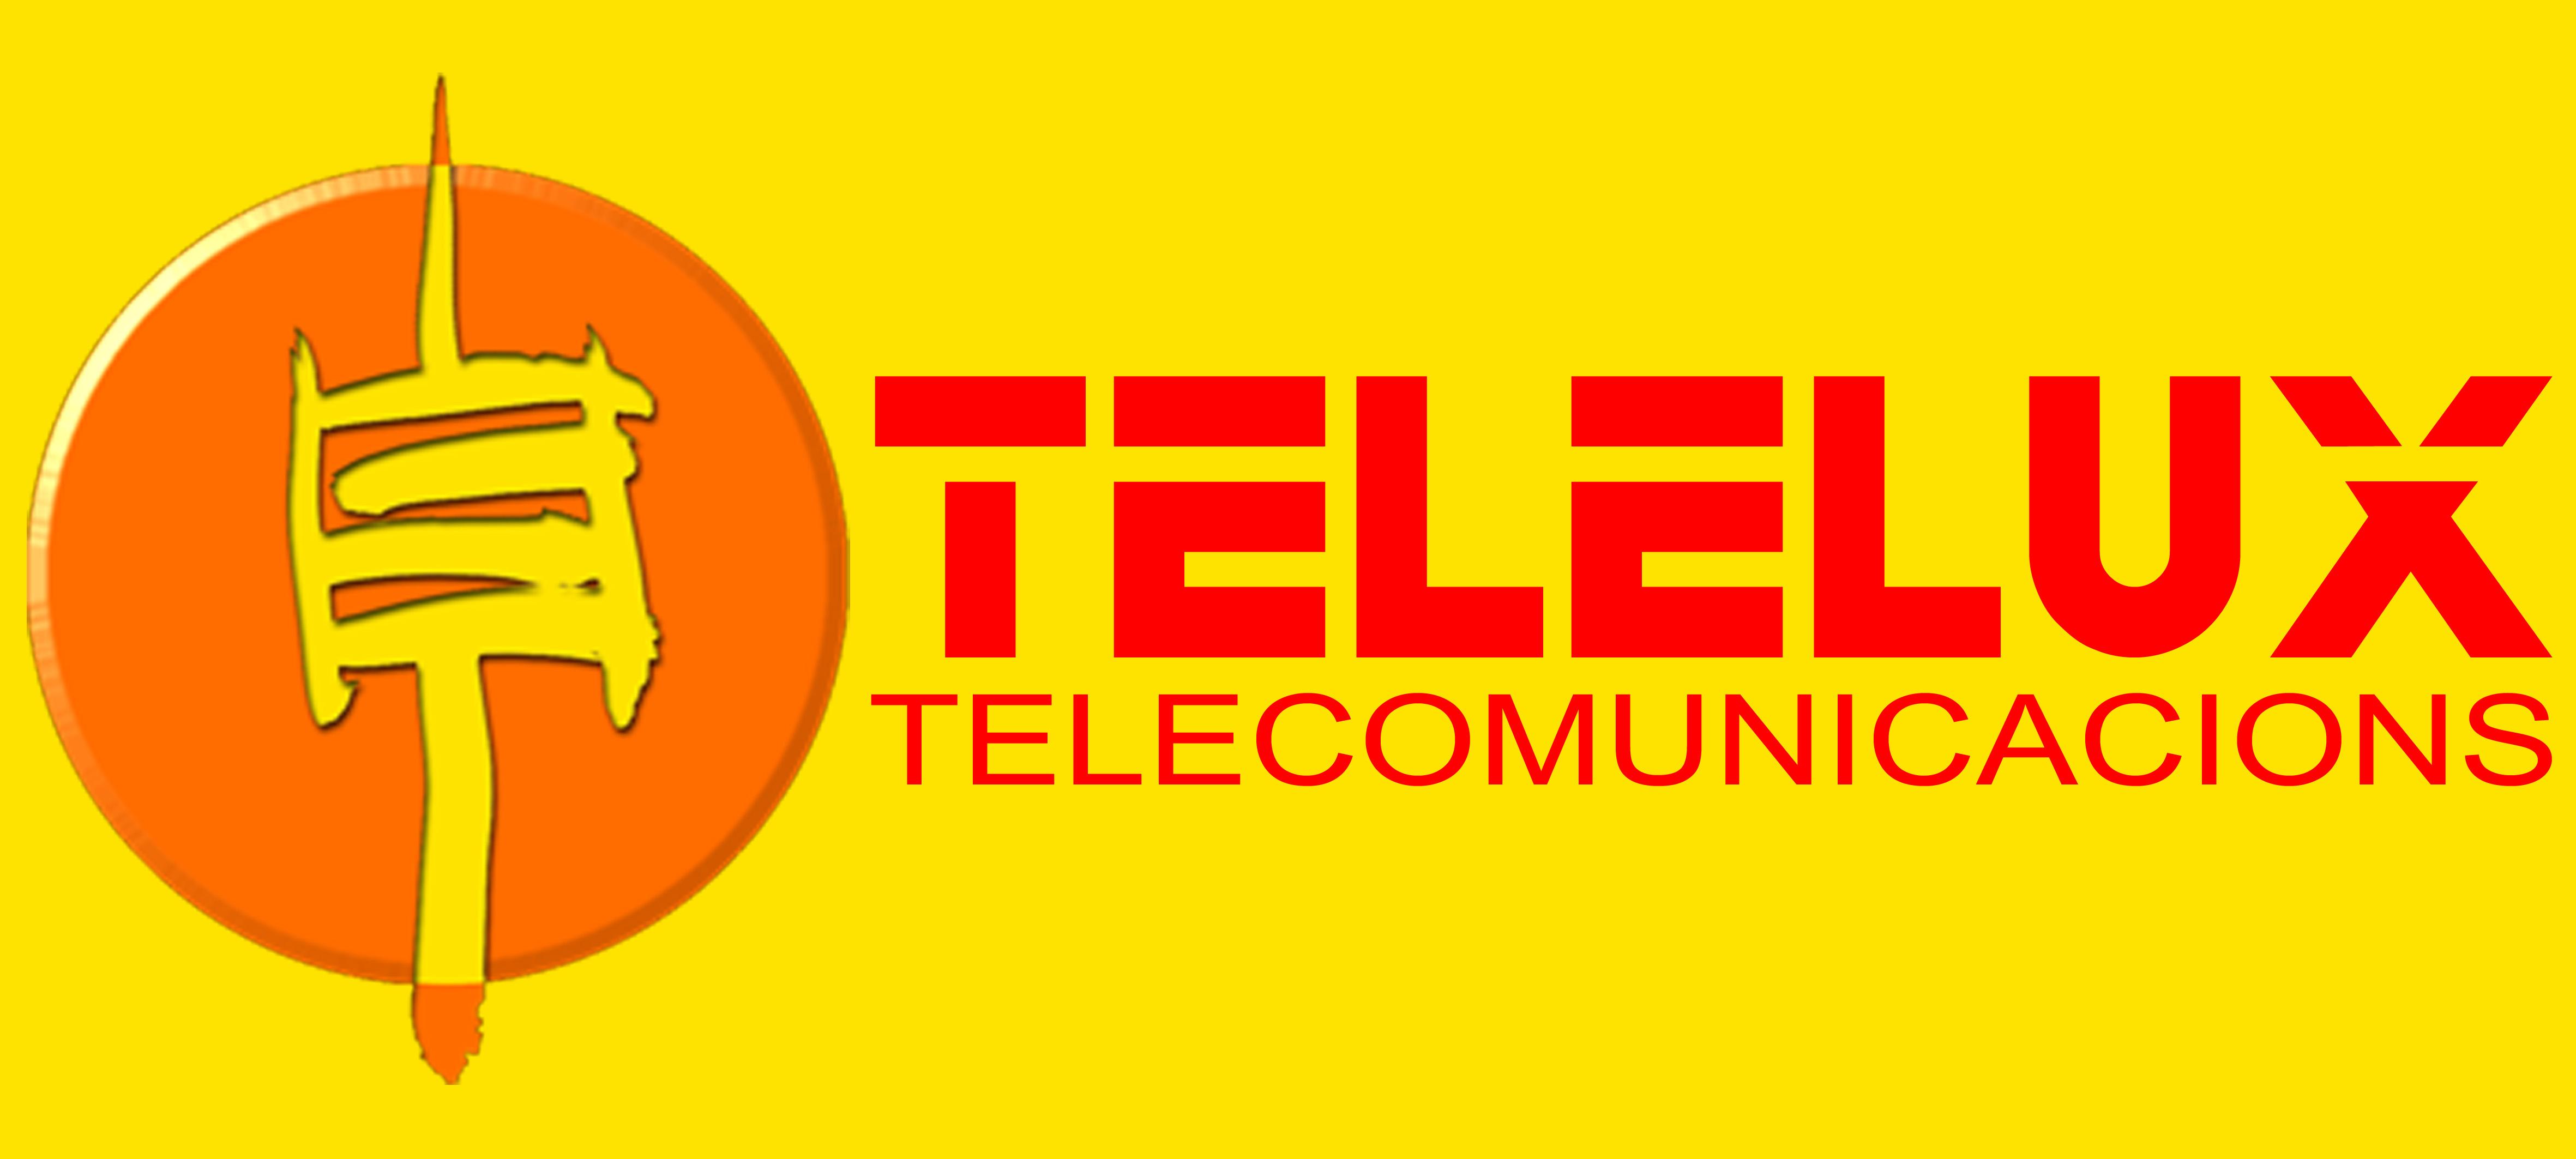 Telelux Telecomunicacions